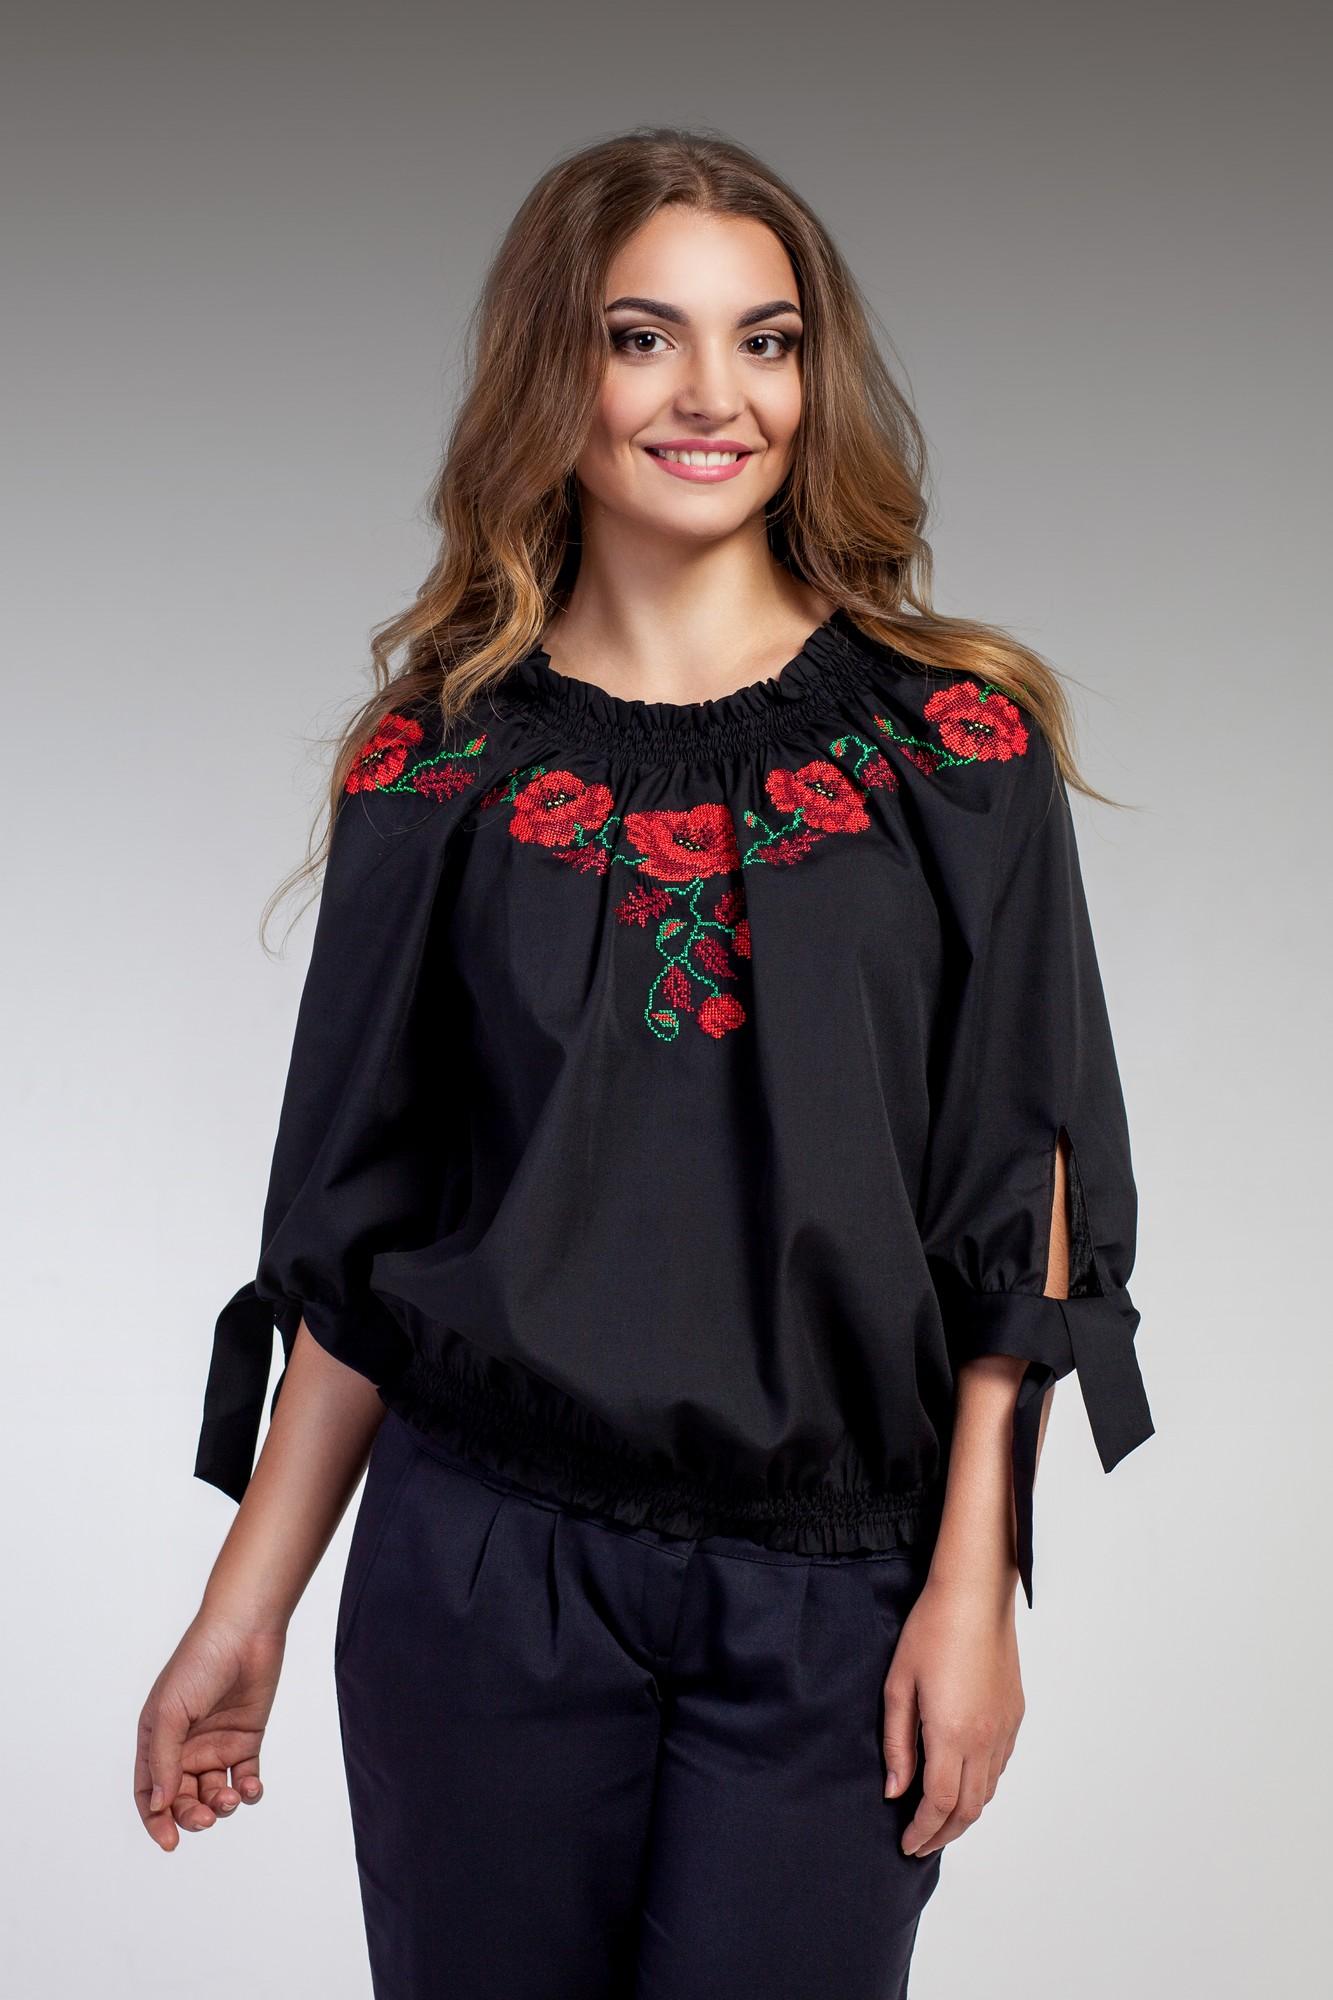 Купить Блузку Вечернюю